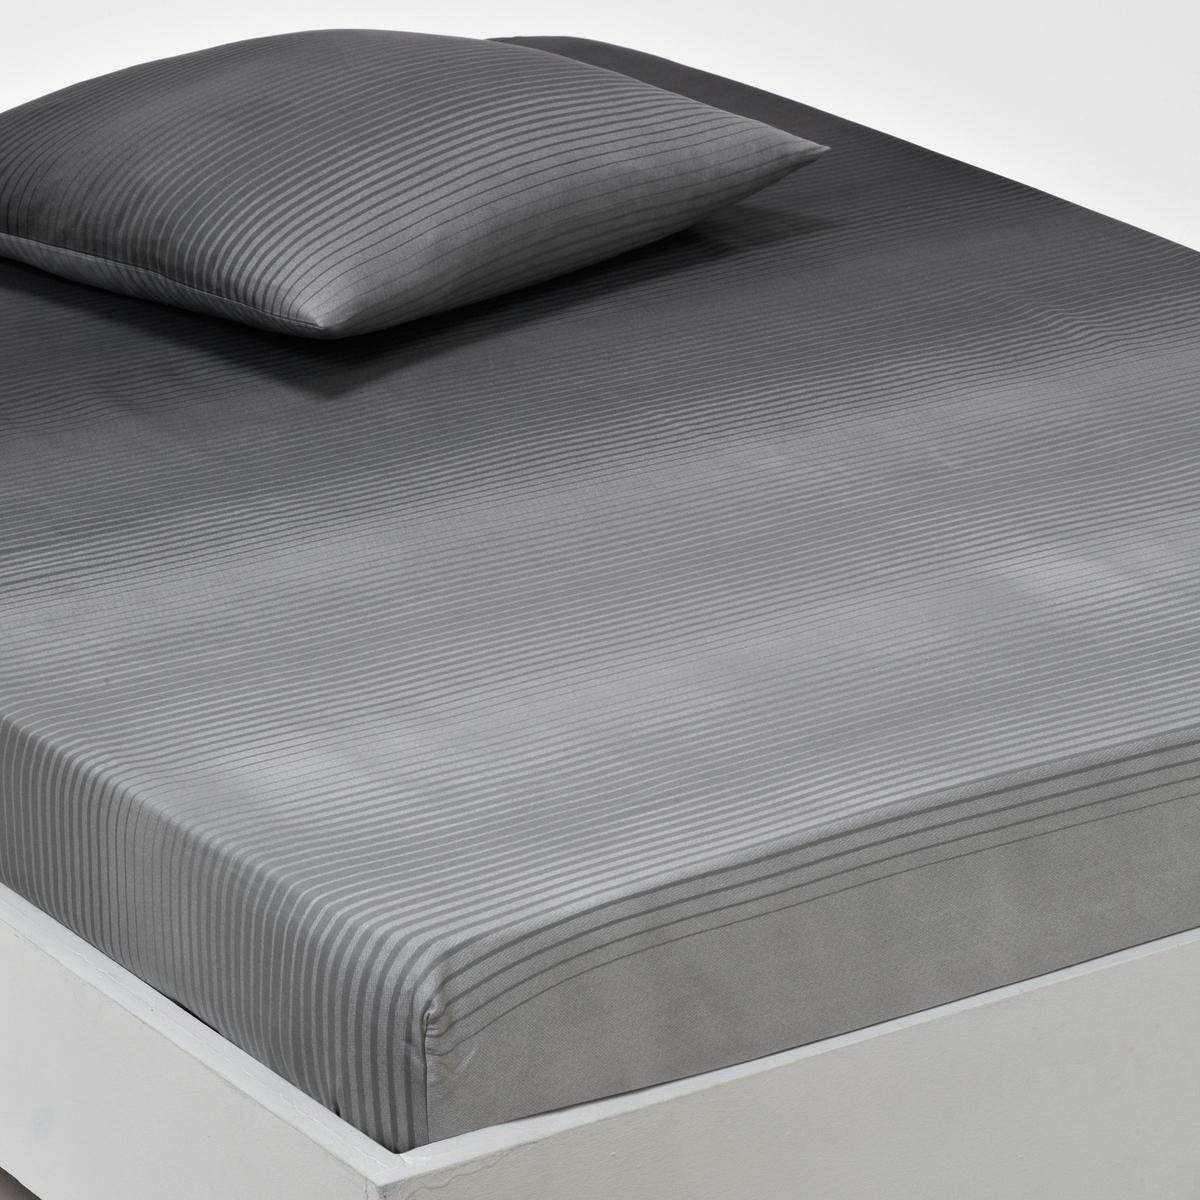 Простыня натяжная из хлопкового атласа, RayadosОписание натяжной простыни для раздельных матрасов  :Рисунок с переходом от серого к черному на эластичном и мягком хлопковом атласе - Атлас 100% хлопка (80 нитей/см2) . - 100% хлопок  чем больше количество нитей/см2, тем выше качество ткани  .- Машинная стирка при 60° .Сертификат Oeko-Tex® дает гарантию того, что товары изготовлены без применения химических средств и не представляют опасности для здоровья человека  .Размер  :90 x 190 см   : 1-сп. 140 x 190 см  : 2-сп. 160 x 200 см  : 2-сп.<br><br>Цвет: серый<br>Размер: 90 x 190  см